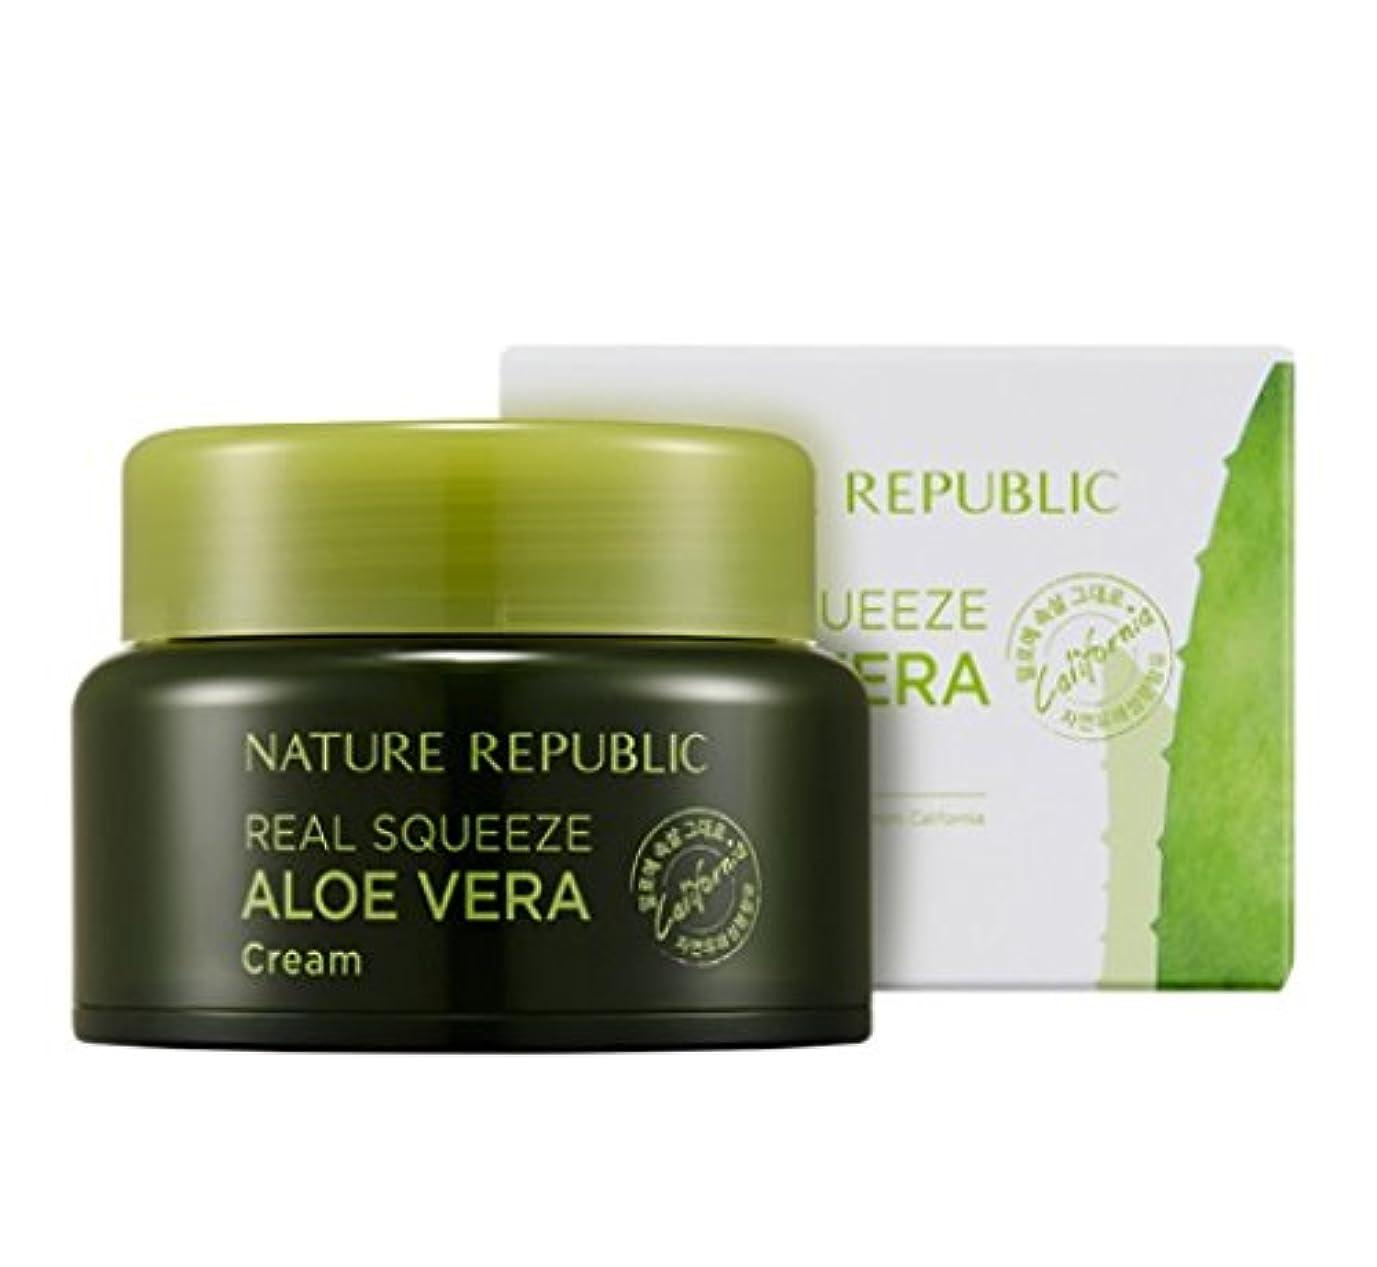 リズム砲撃ベッツィトロットウッド[Nature Republic]ネイチャーリパブリック[Real Squeeze Aloe Vera Cream](リアルスクィーズアロエベラクリーム) [並行輸入品]